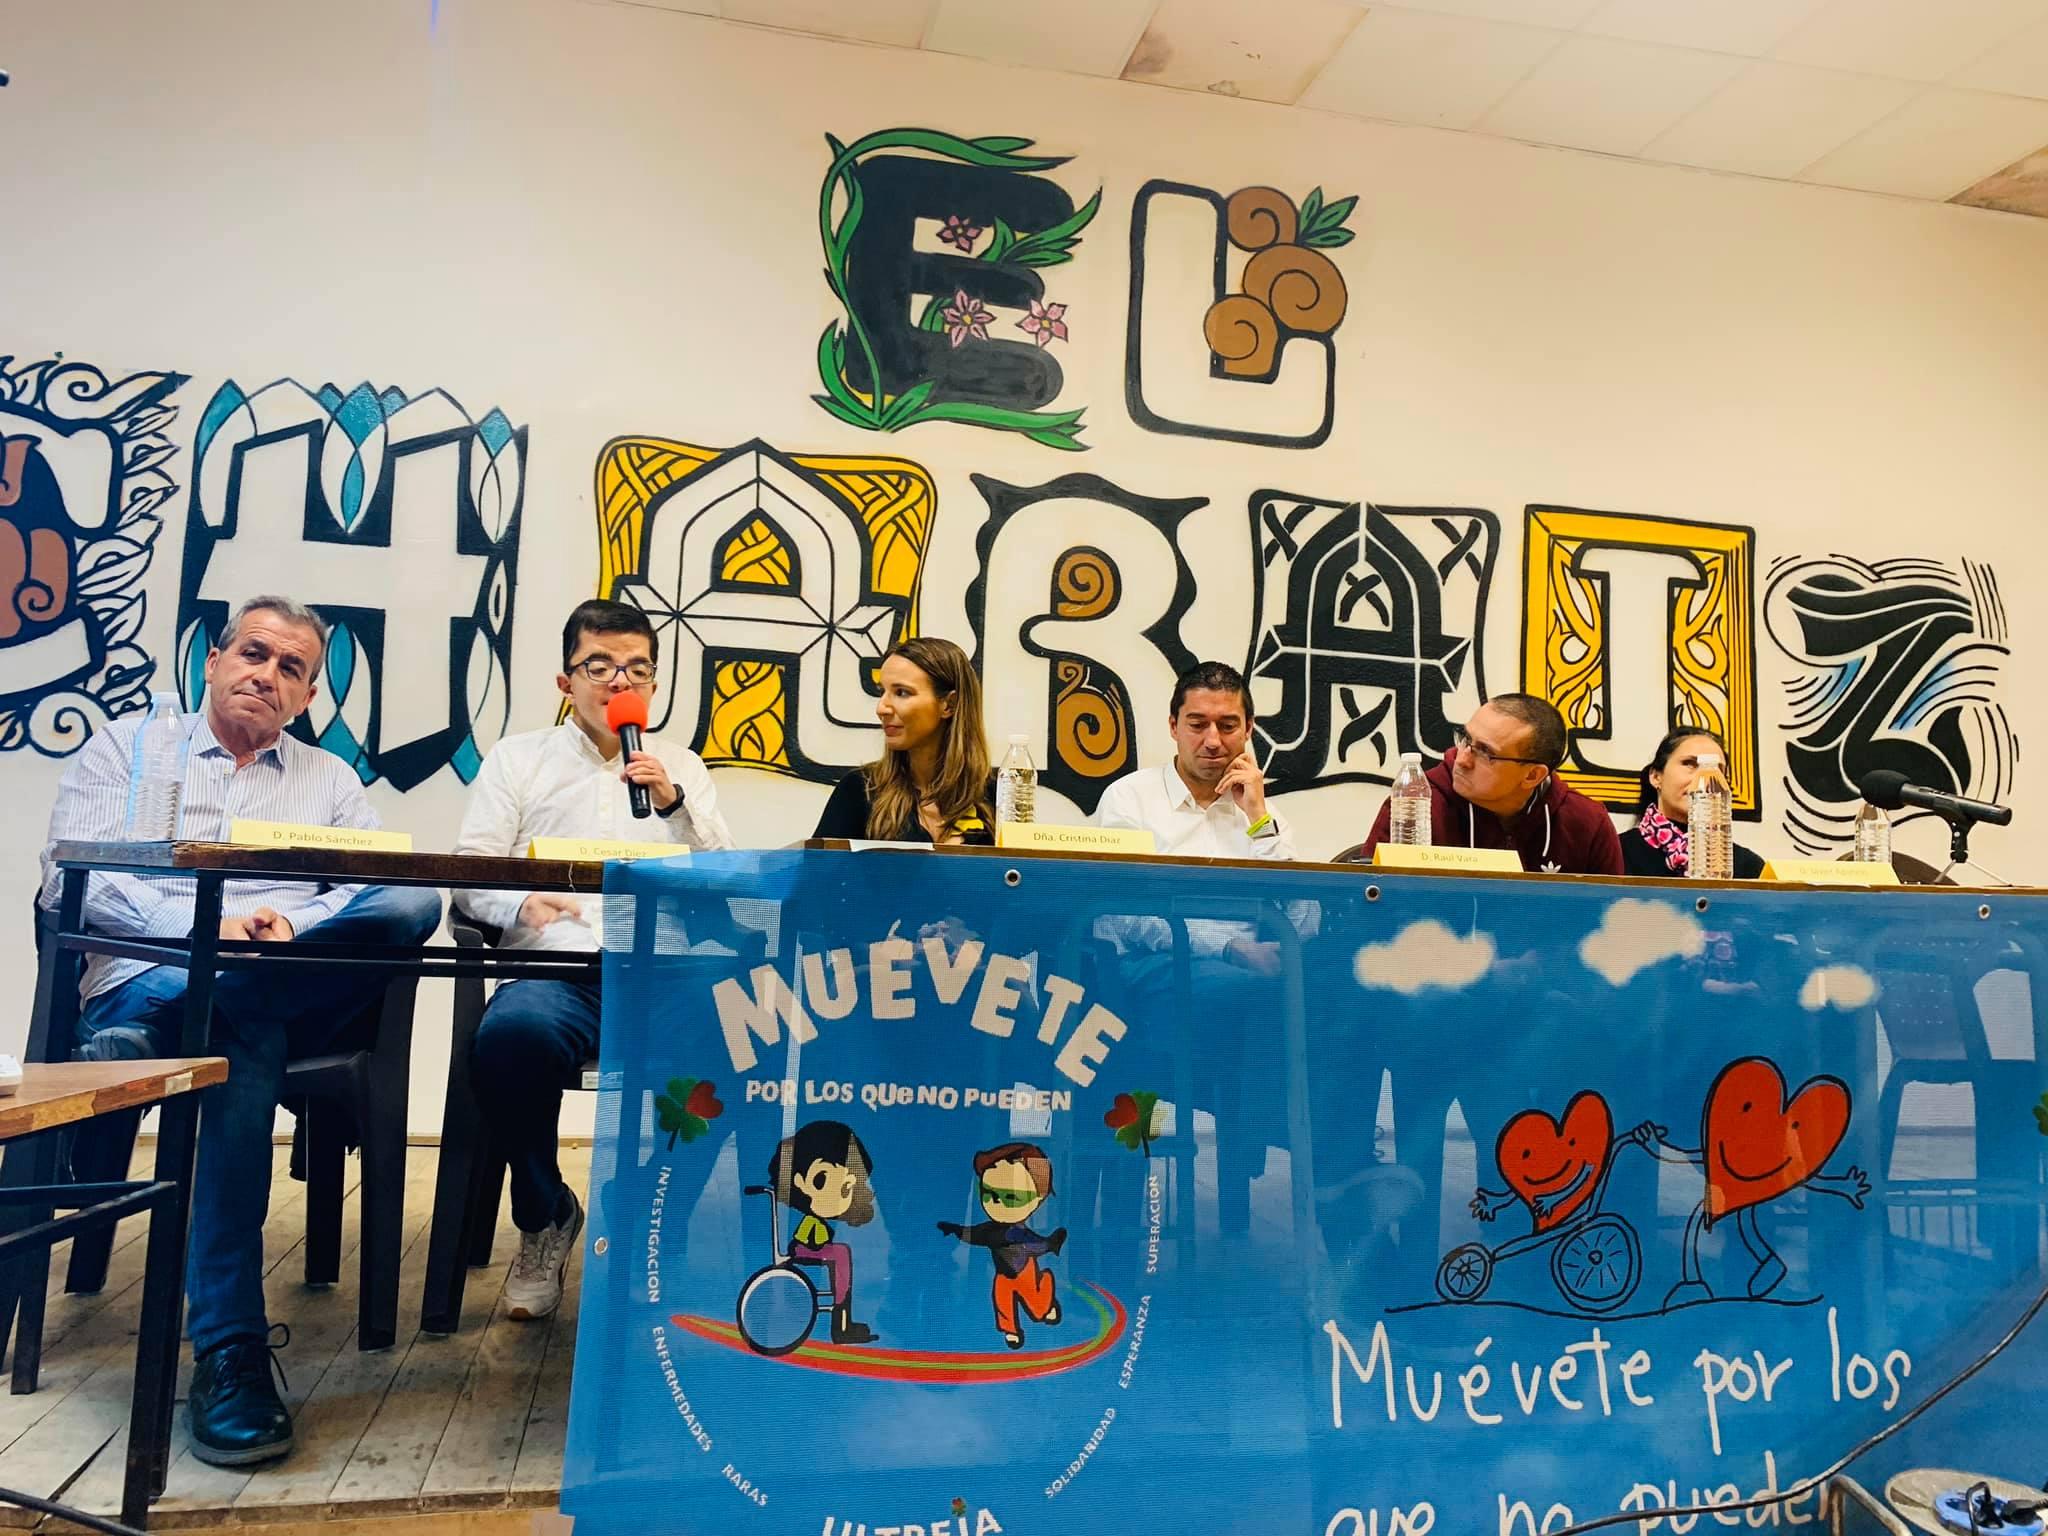 """Mesa redonda """"Todos somos """"Raros"""", todos somos iguales"""" Fuentesauco Zamora (Video)"""